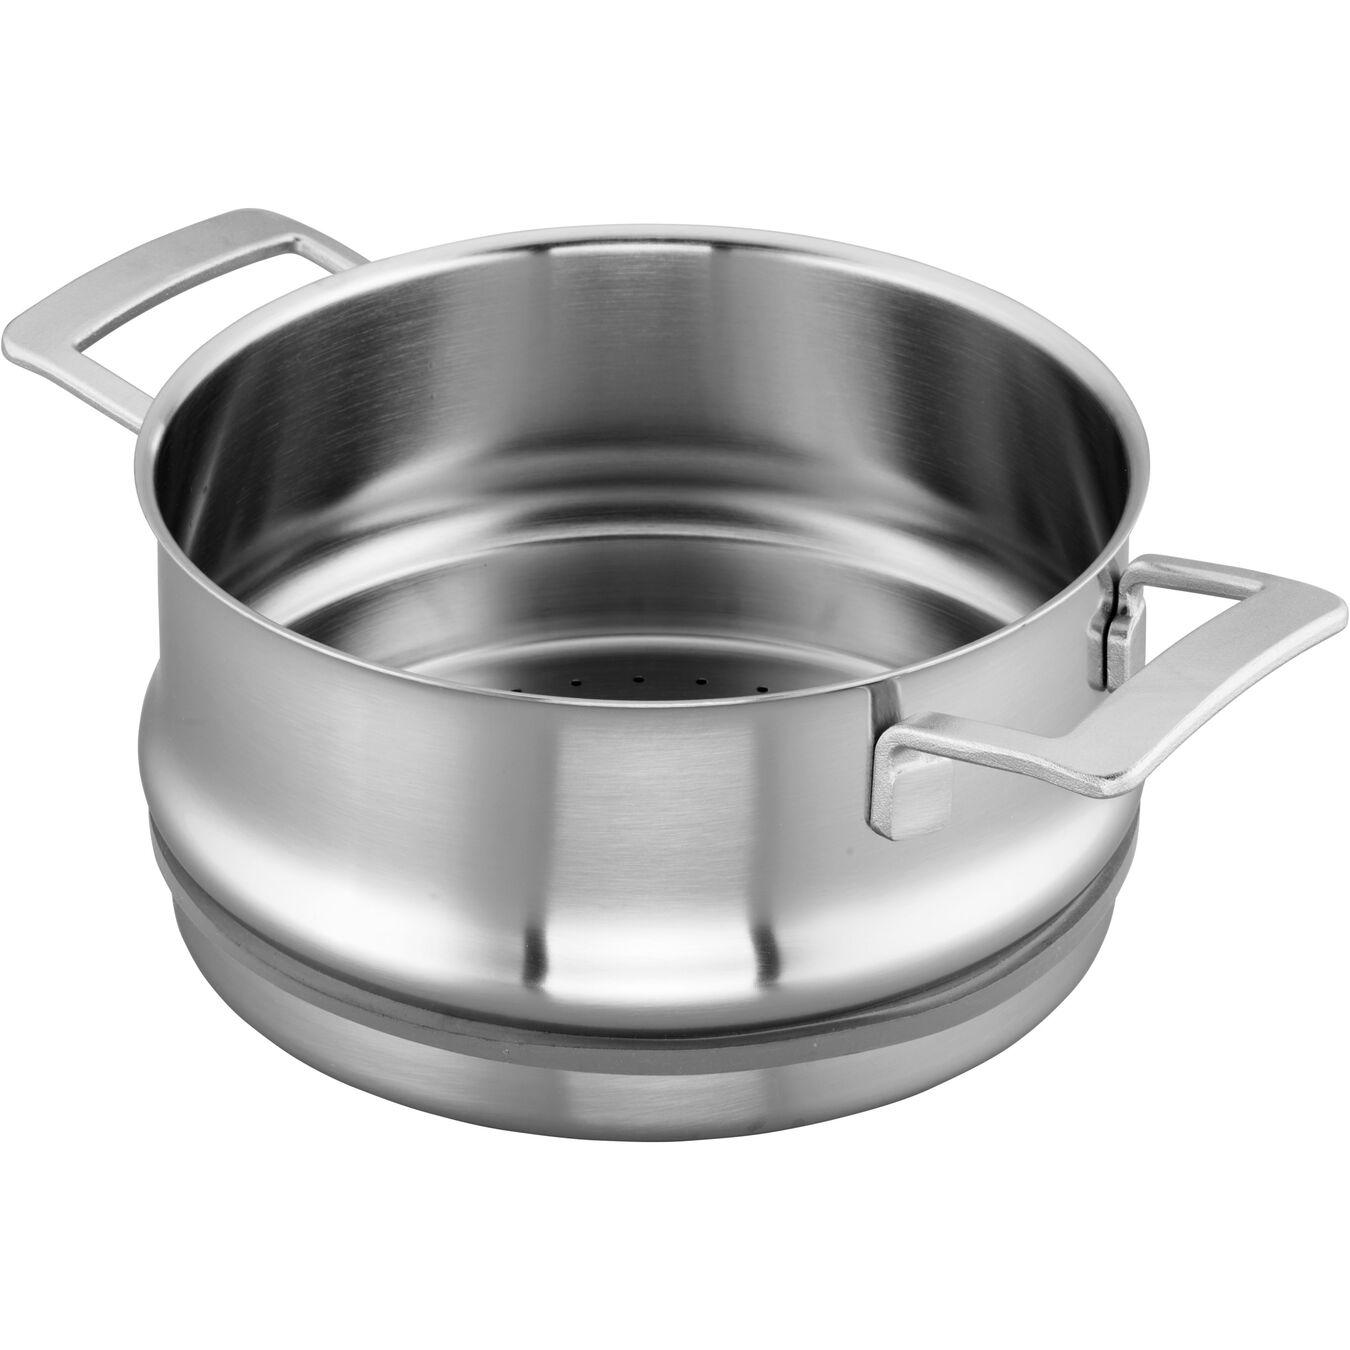 24 cm 18/10 Stainless Steel Steamer insert,,large 1